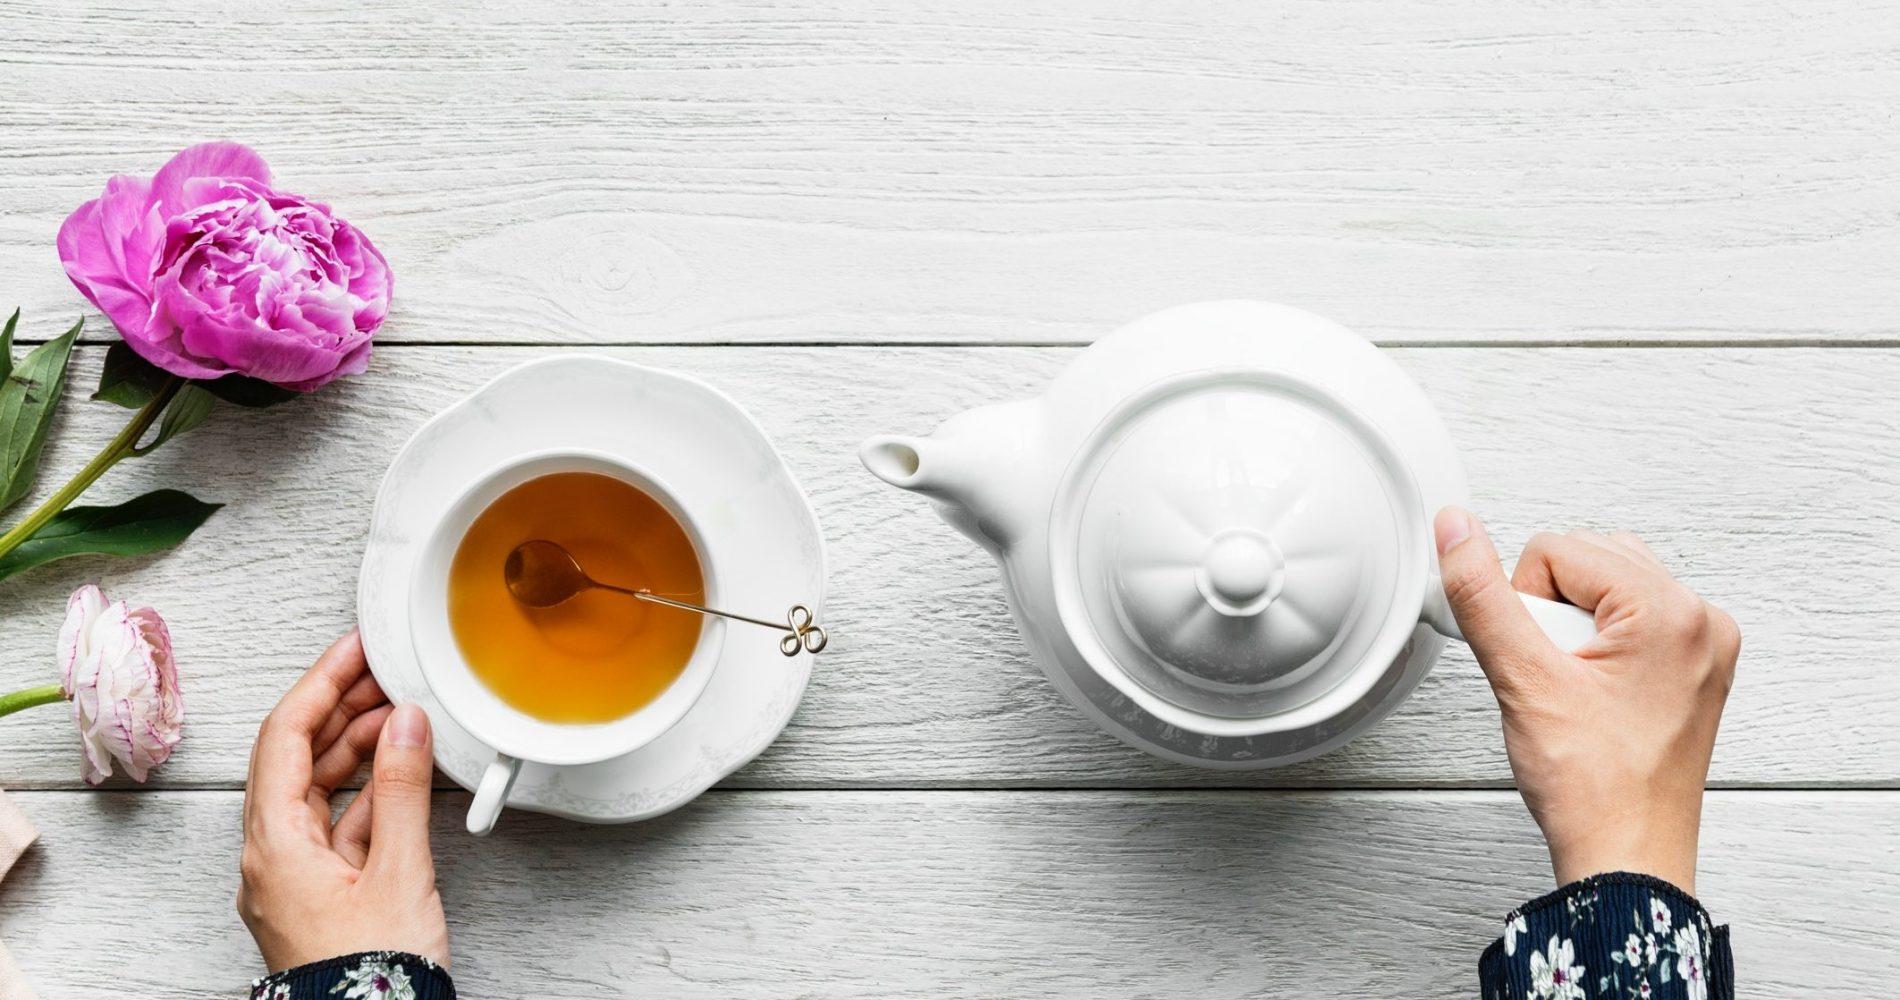 No Tea!